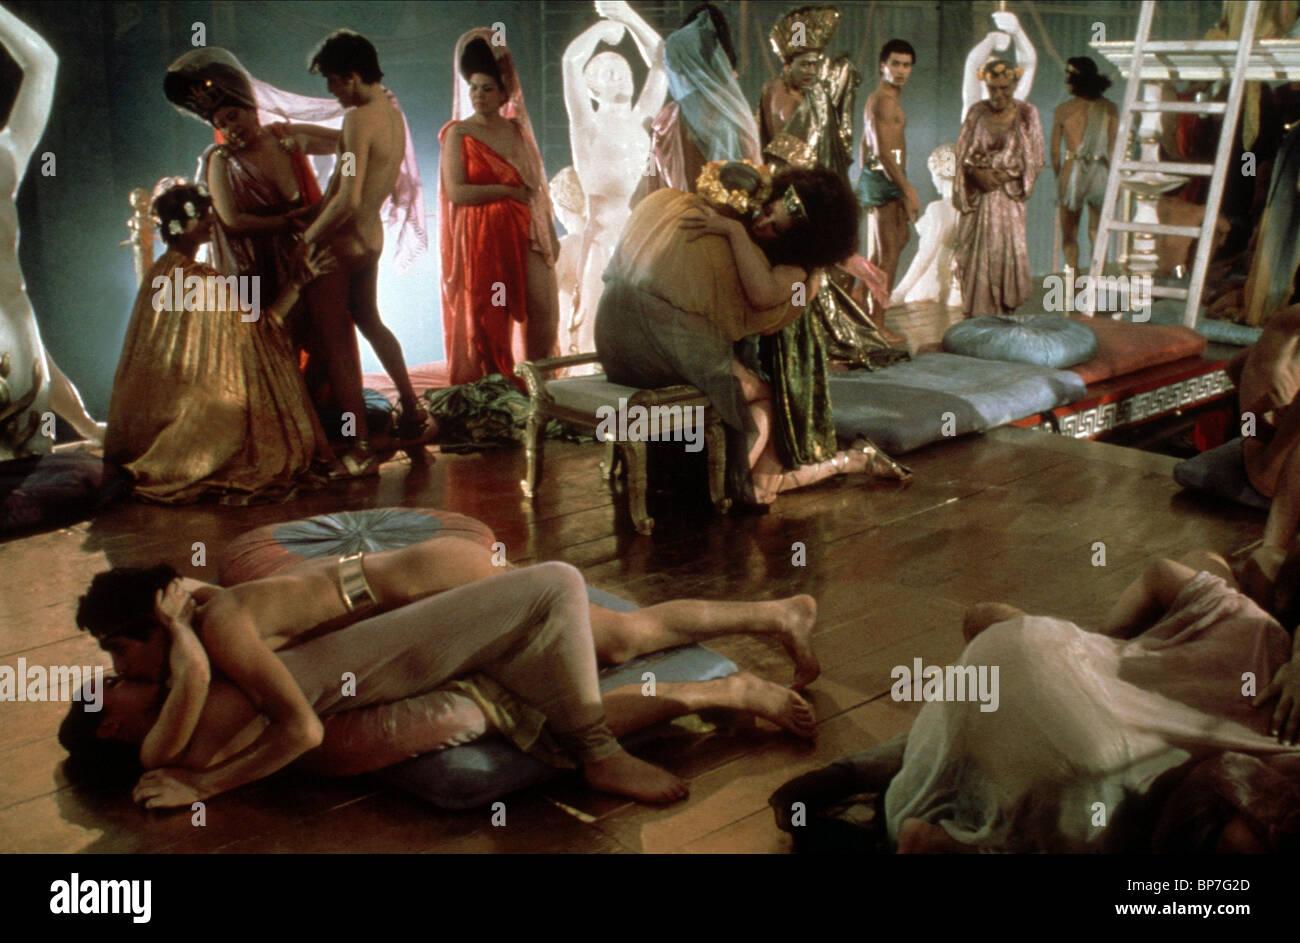 orgies romaines fille se fait baiser et gicle